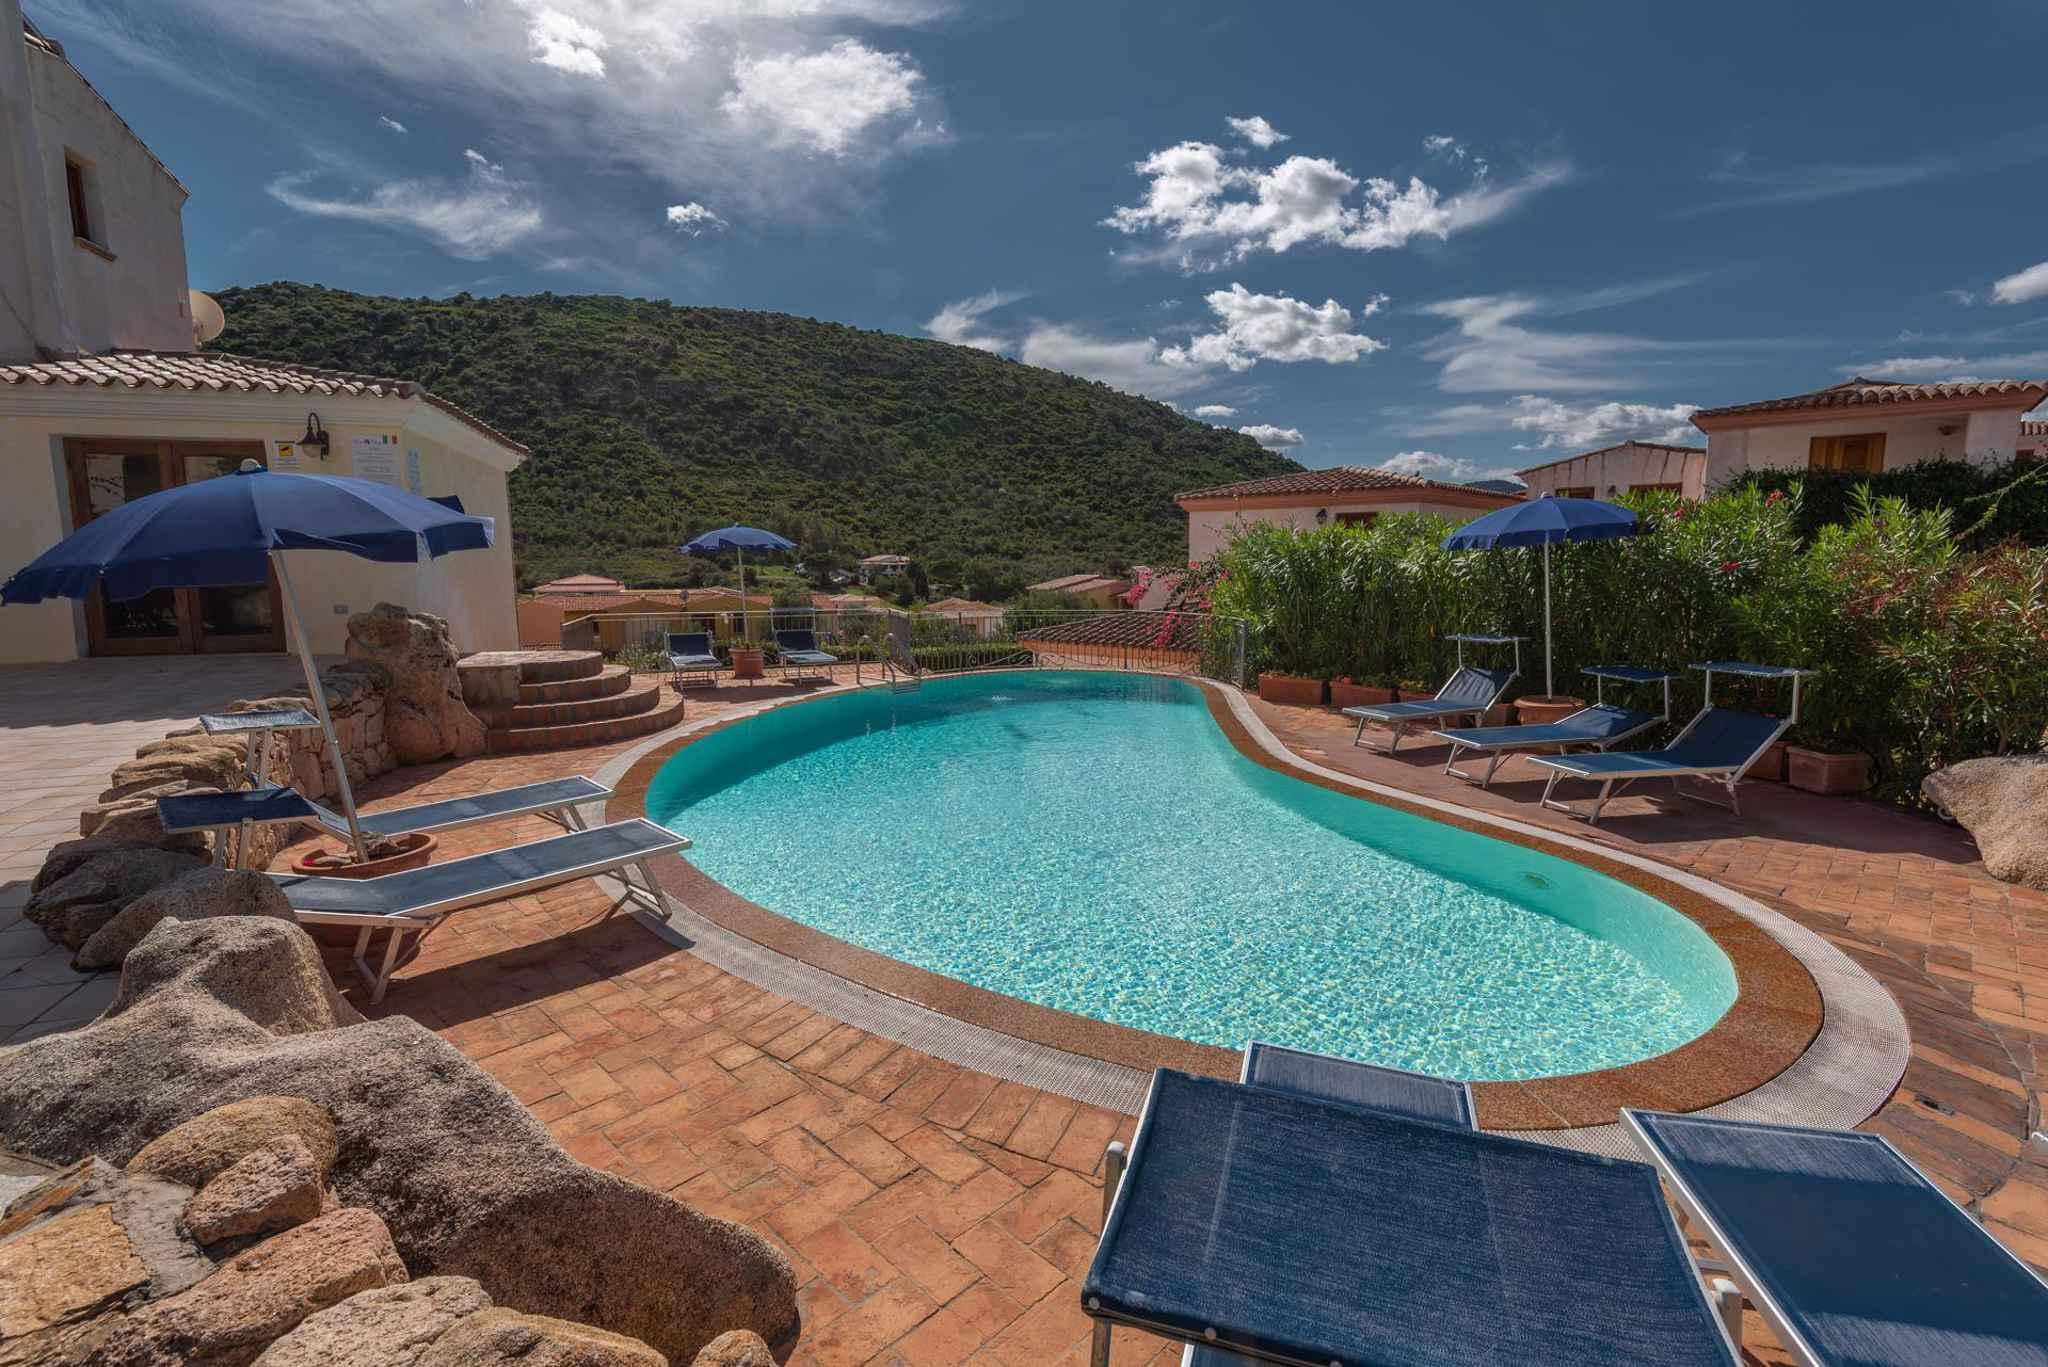 Ferienhaus mit Pool und Klimaanlage (2218540), Budoni, Olbia-Tempio, Sardinien, Italien, Bild 14